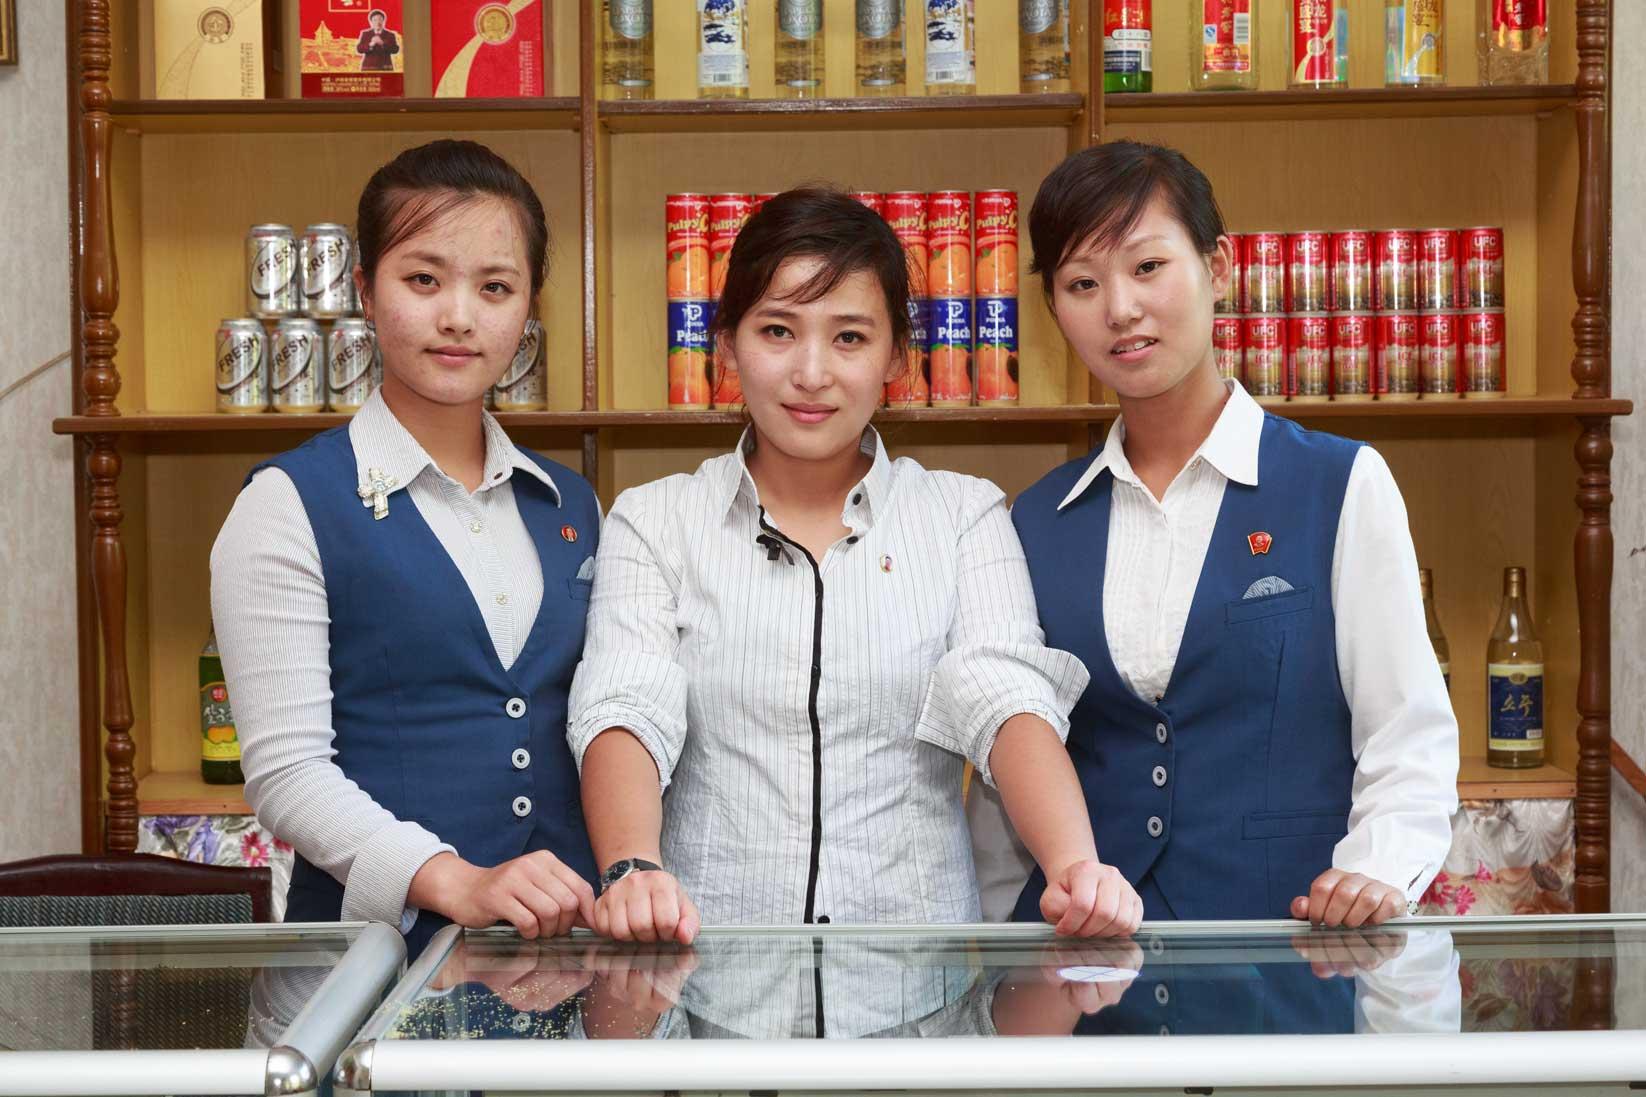 2014年版 北朝鮮のグルメ5泊6日のすべて【中編】_b0235153_18524651.jpg